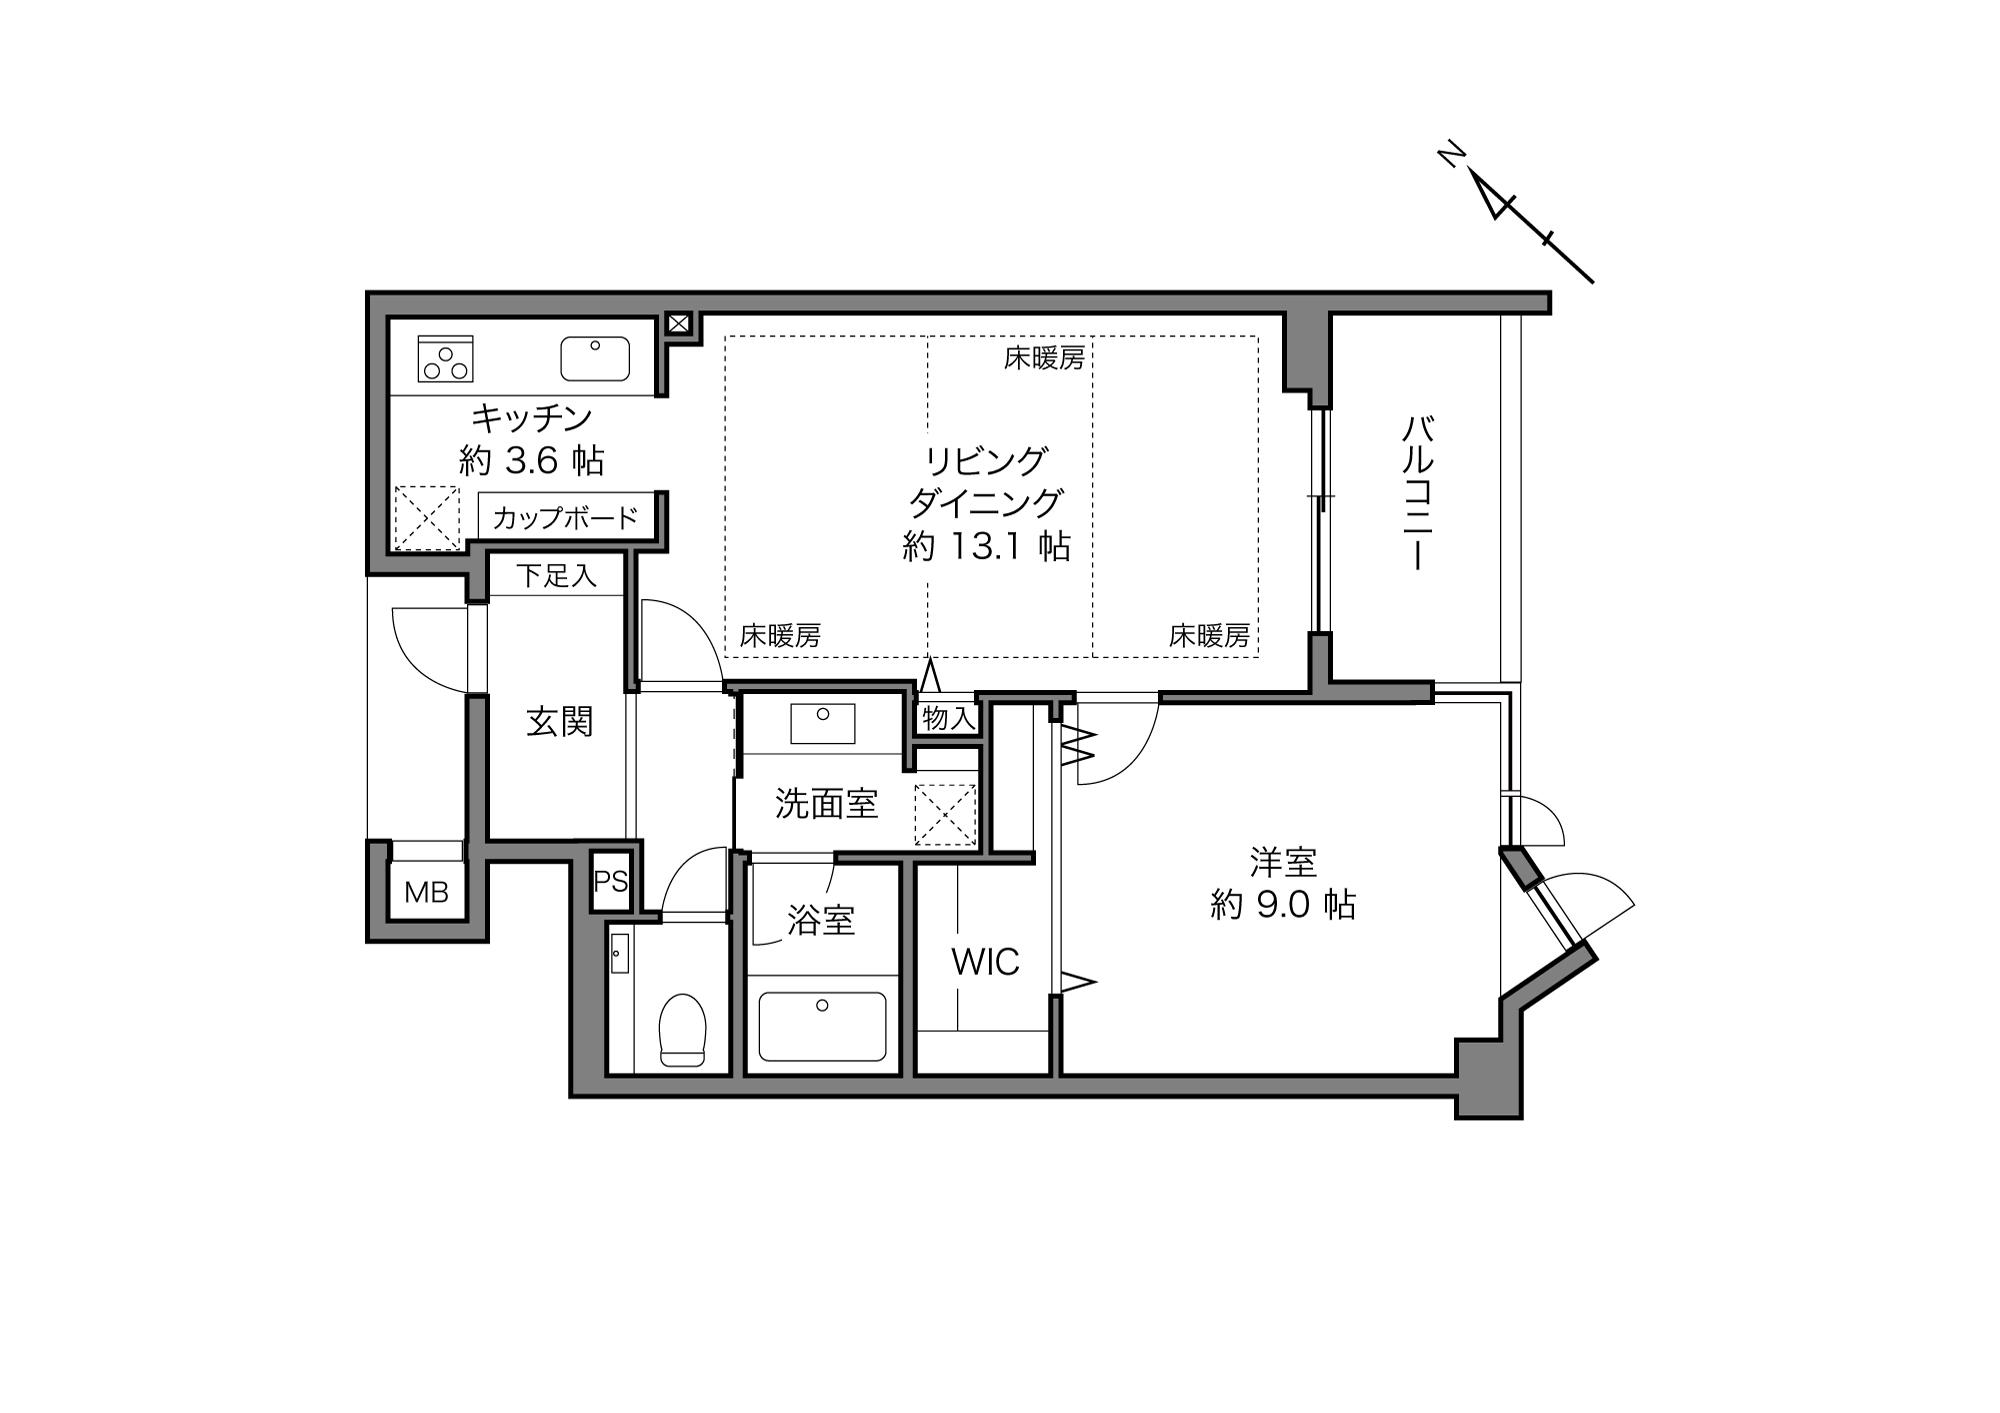 代官山駅 / 1LDK+WIC / 60.71㎡